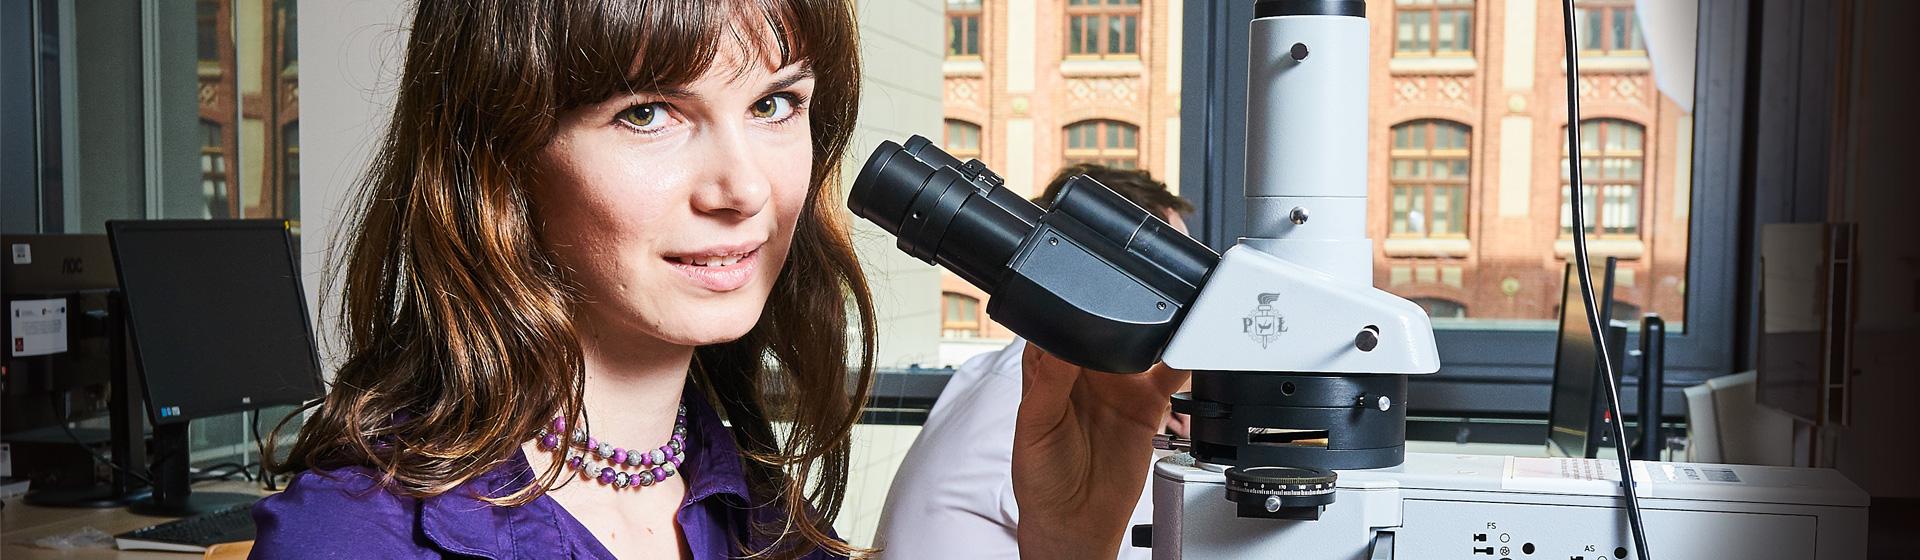 Technologia kosmetyków na Politechnice Łódzkiej